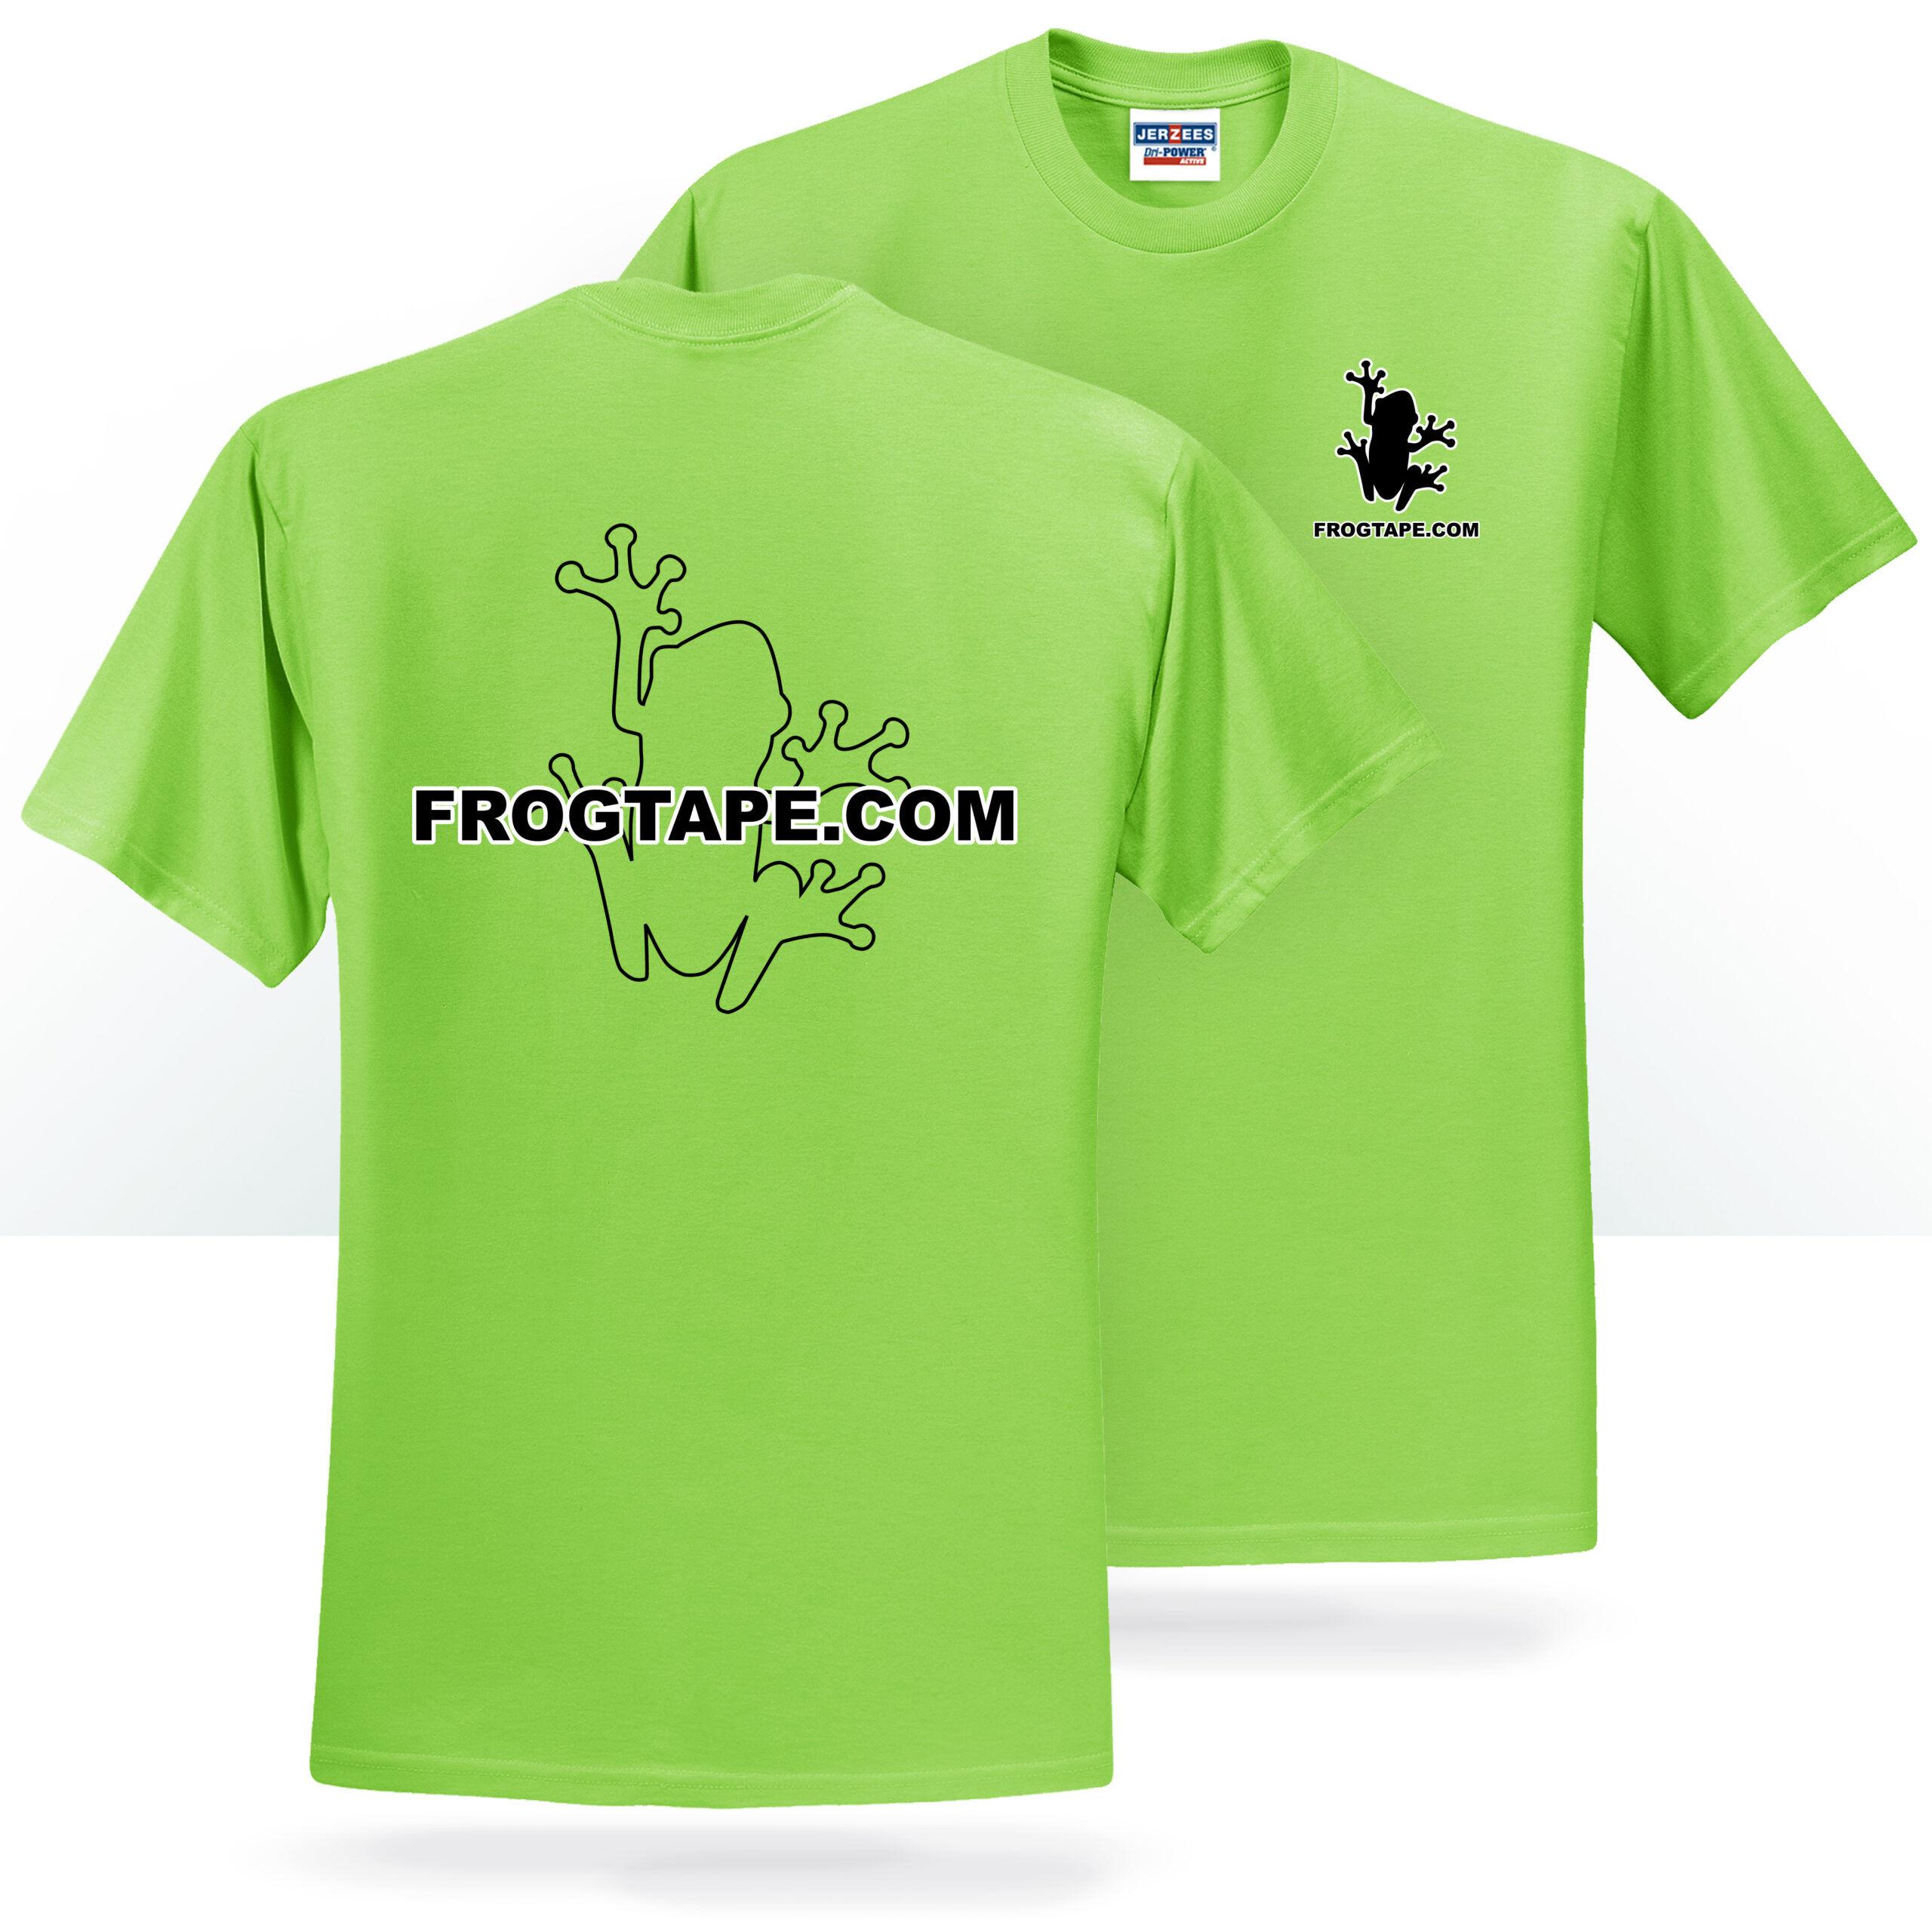 Shurtape Frog Tape Tshirts